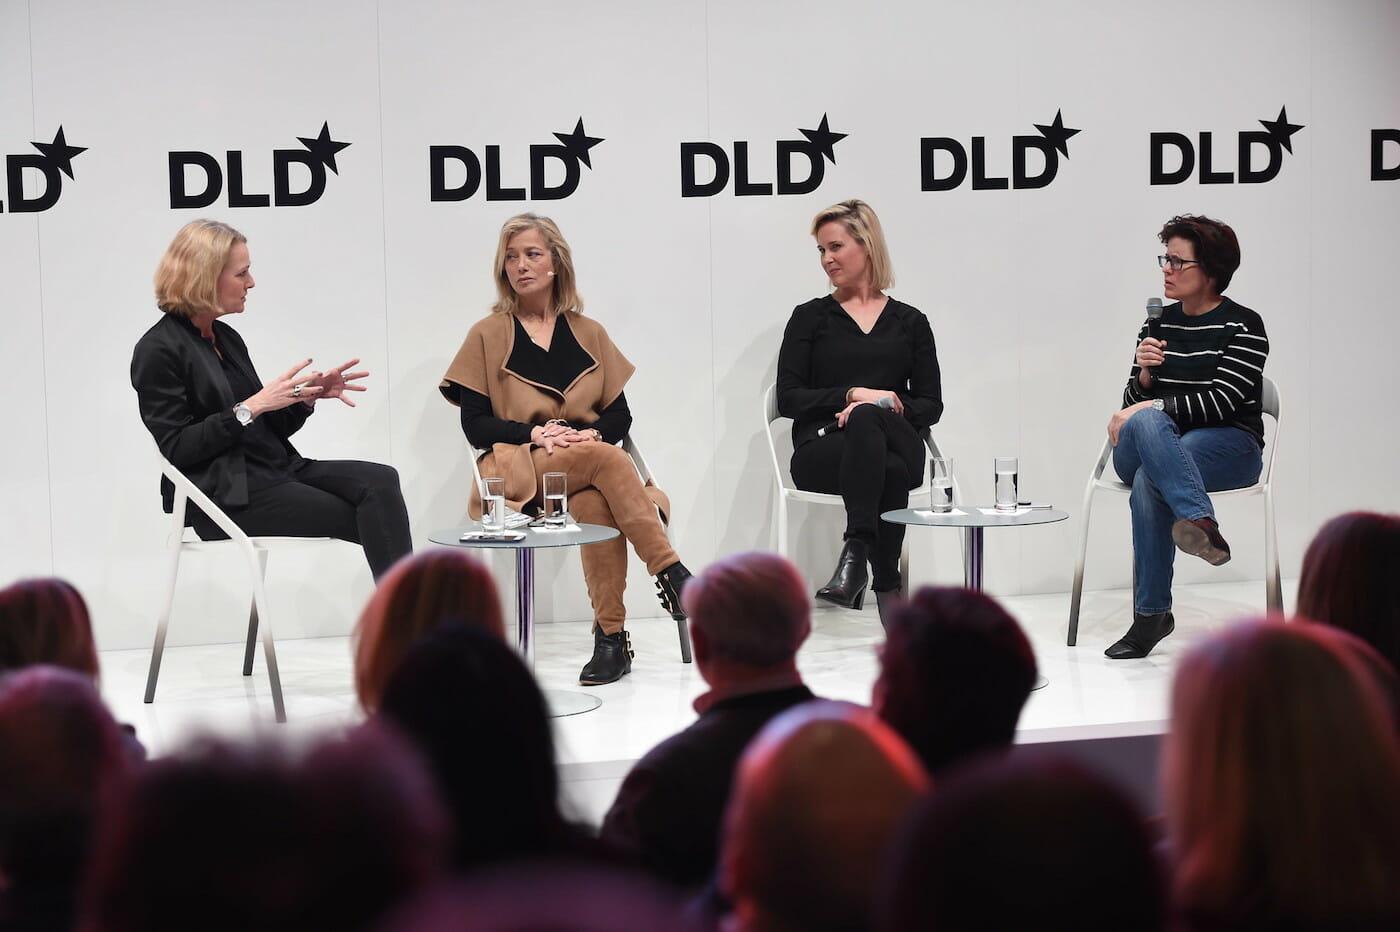 Kara Swisher, Hilary Rosen, Miriam Meckel, Megan Murphy, DLD 2018